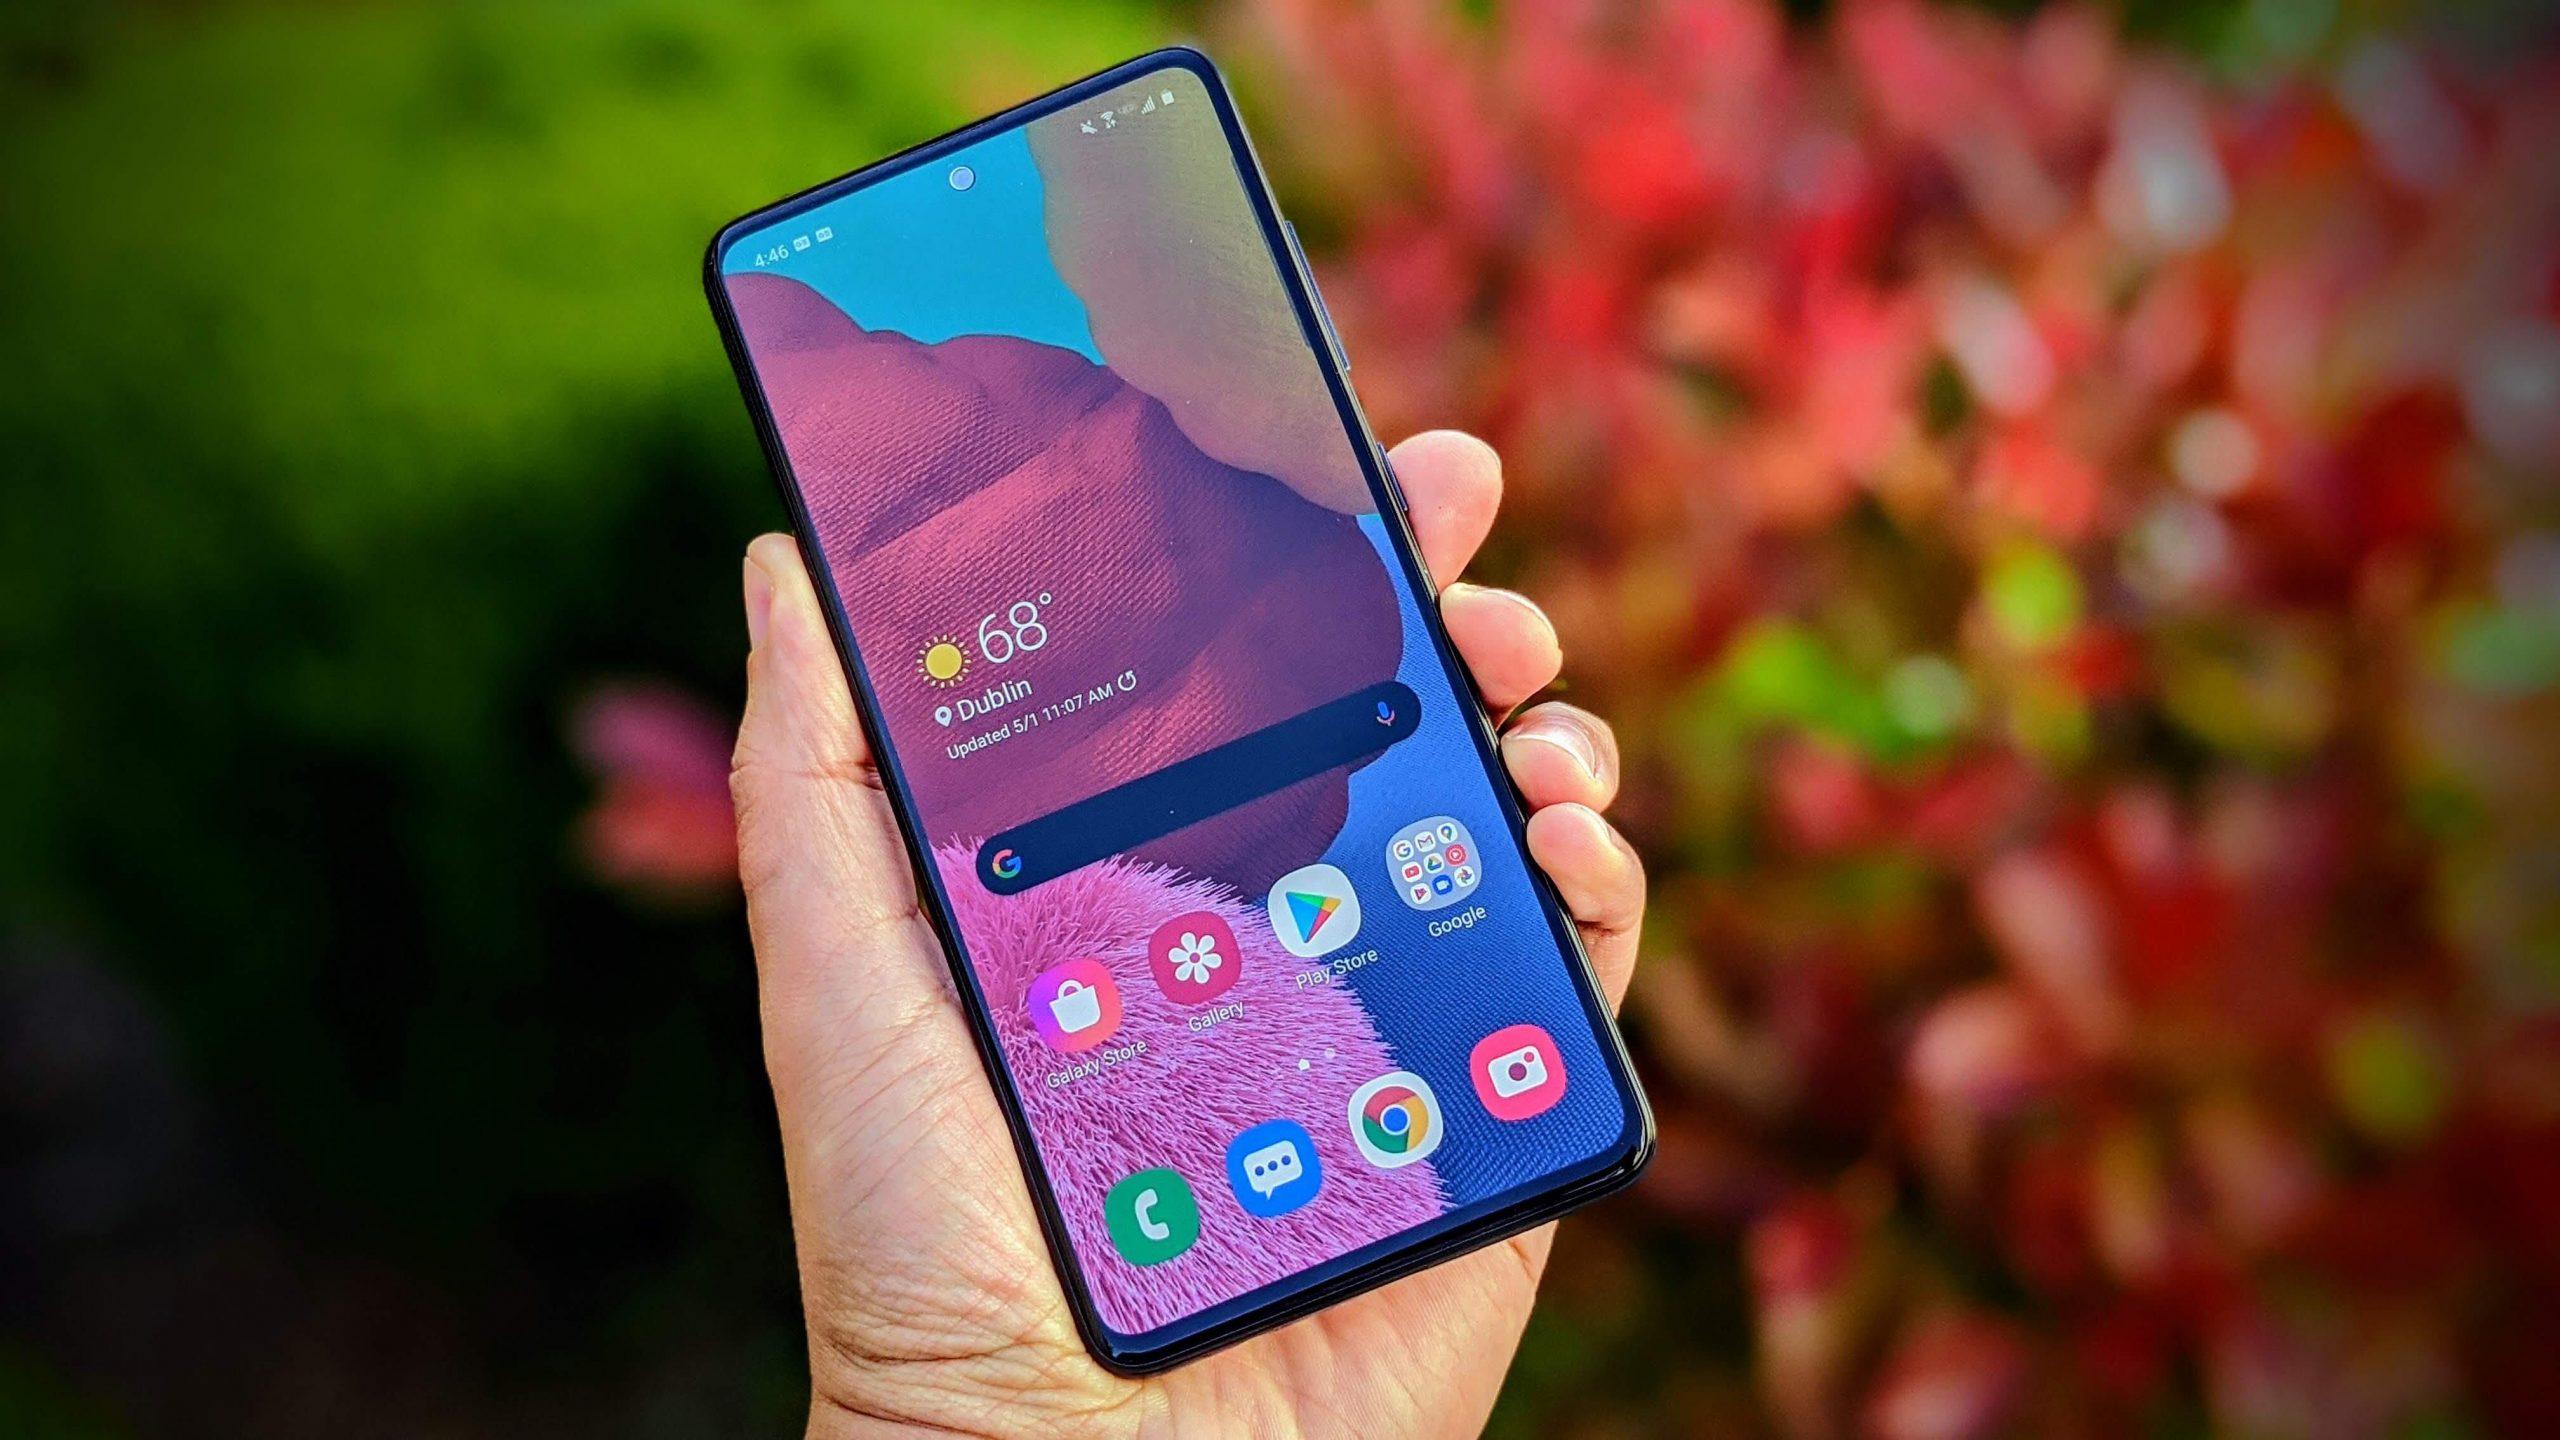 Bir Ay Erken Üretime Girecek Samsung Galaxy S21 Serisi, Galaxy Buds 2 ile Birlikte Ocak 2021'de Gelebilir